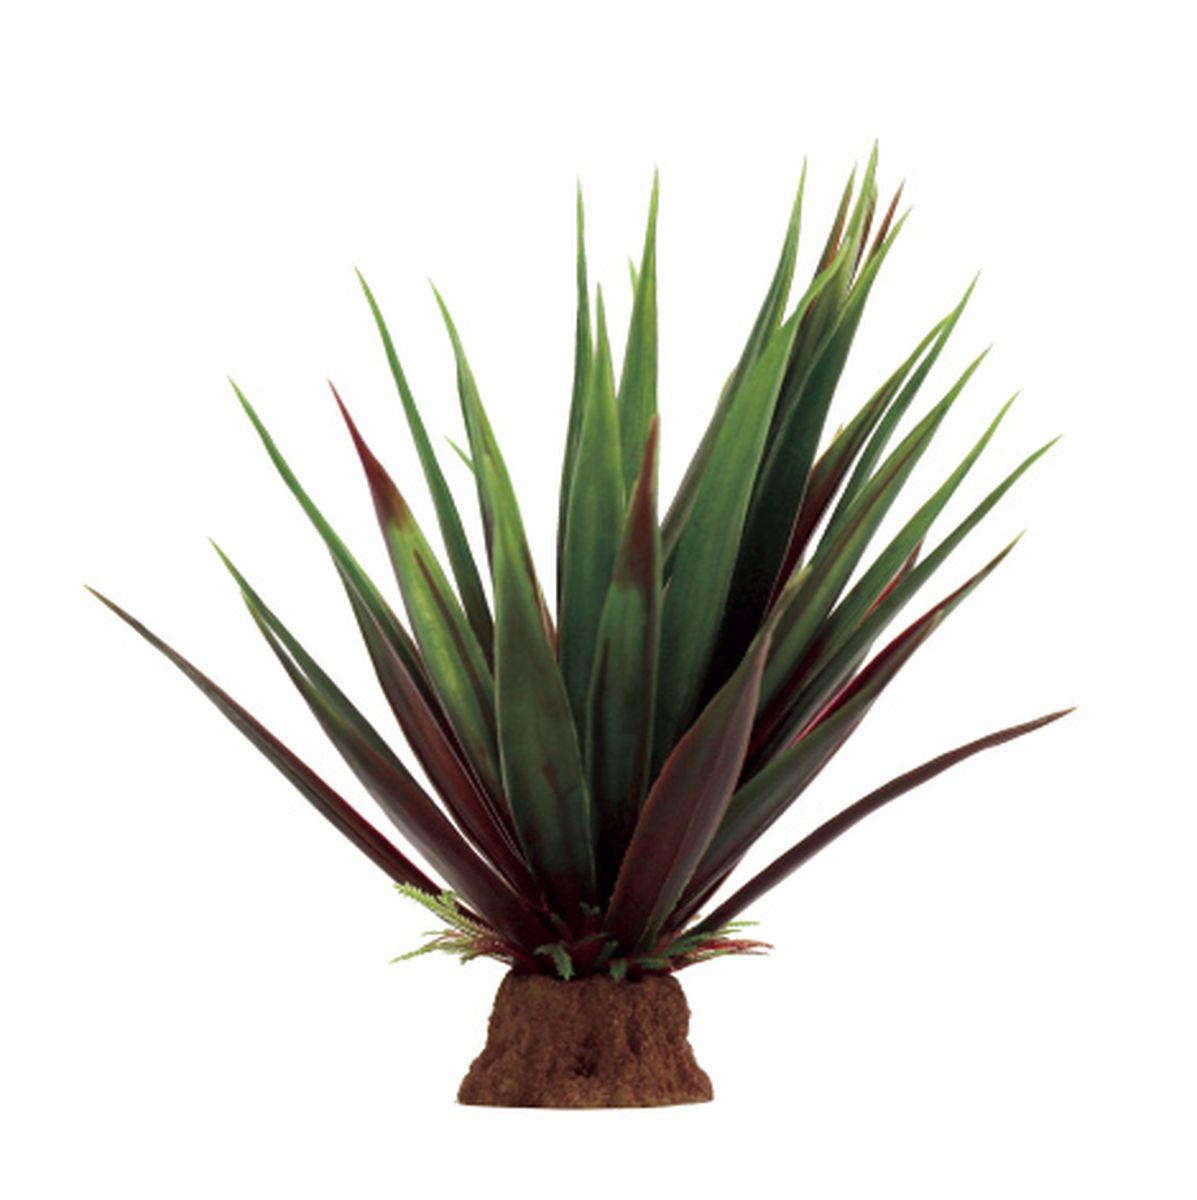 Растение для аквариума ArtUniq Агава красно-зеленая, 13 x 13 x 16 см0120710Композиция из искусственных растений ArtUniq превосходно украсит и оживит аквариум.Растения - это важная часть любой композиции, они помогут вдохнуть жизнь в ландшафт любого аквариума или террариума. А их сходствос природными порадует даже самых взыскательных ценителей.